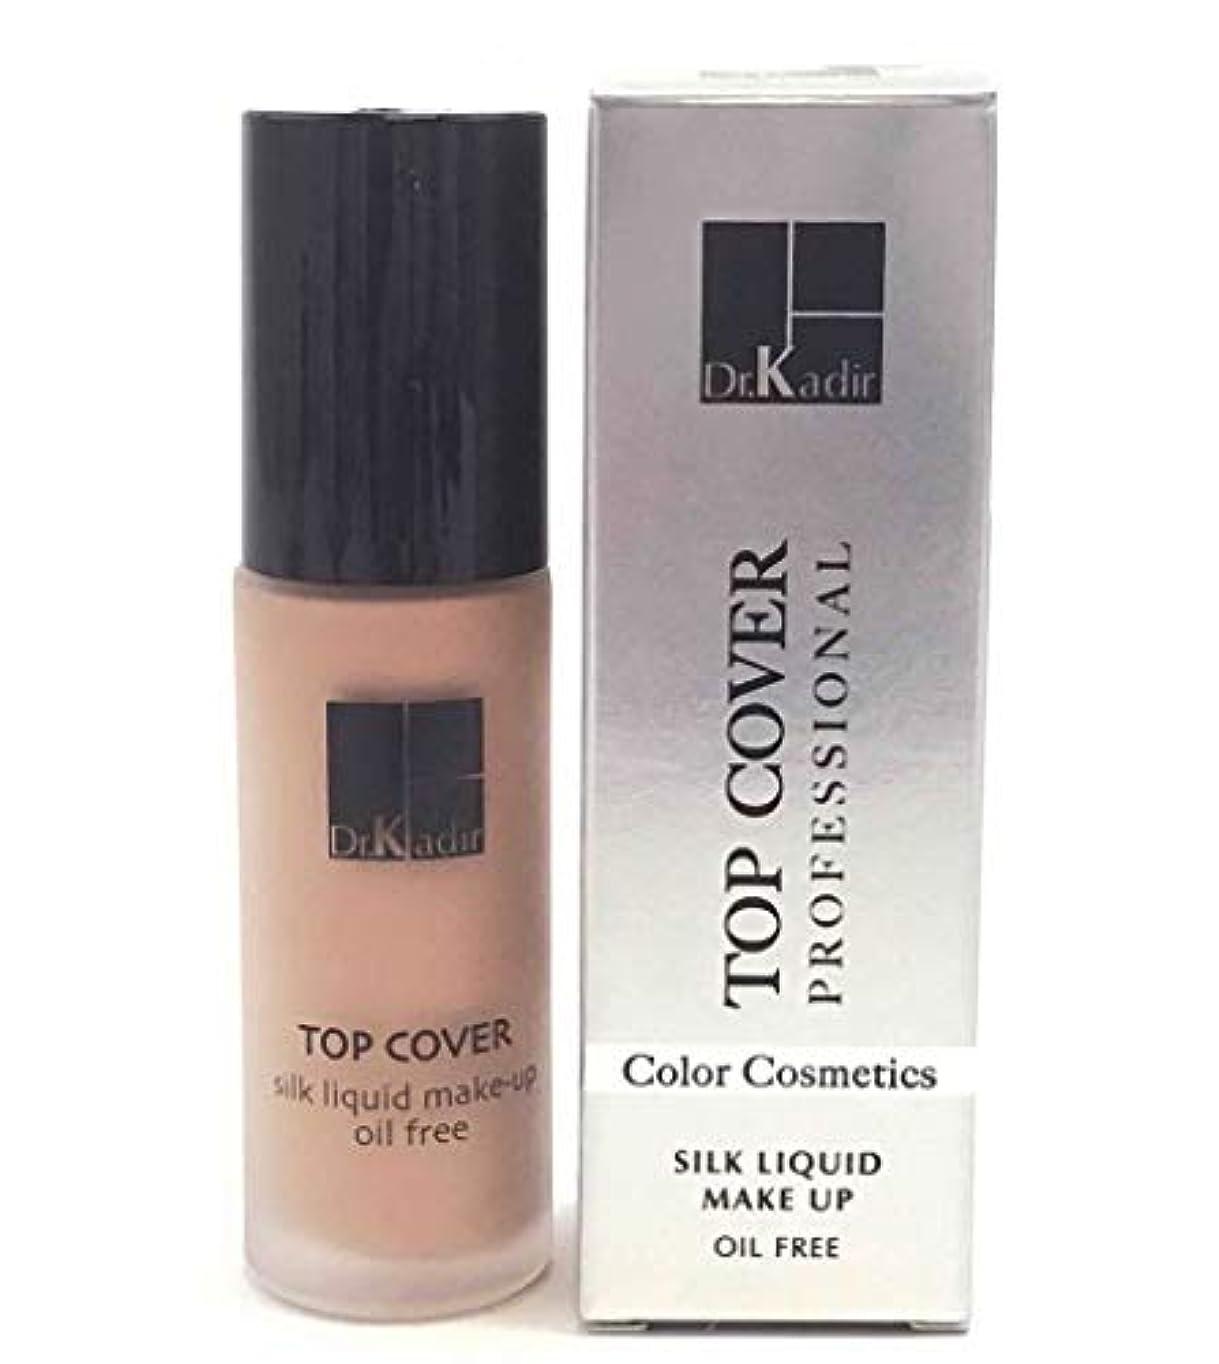 シード講堂アジア人Dr. Kadir Top Cover Silk Liquid Make Up Oil Free 30ml (shade 1)